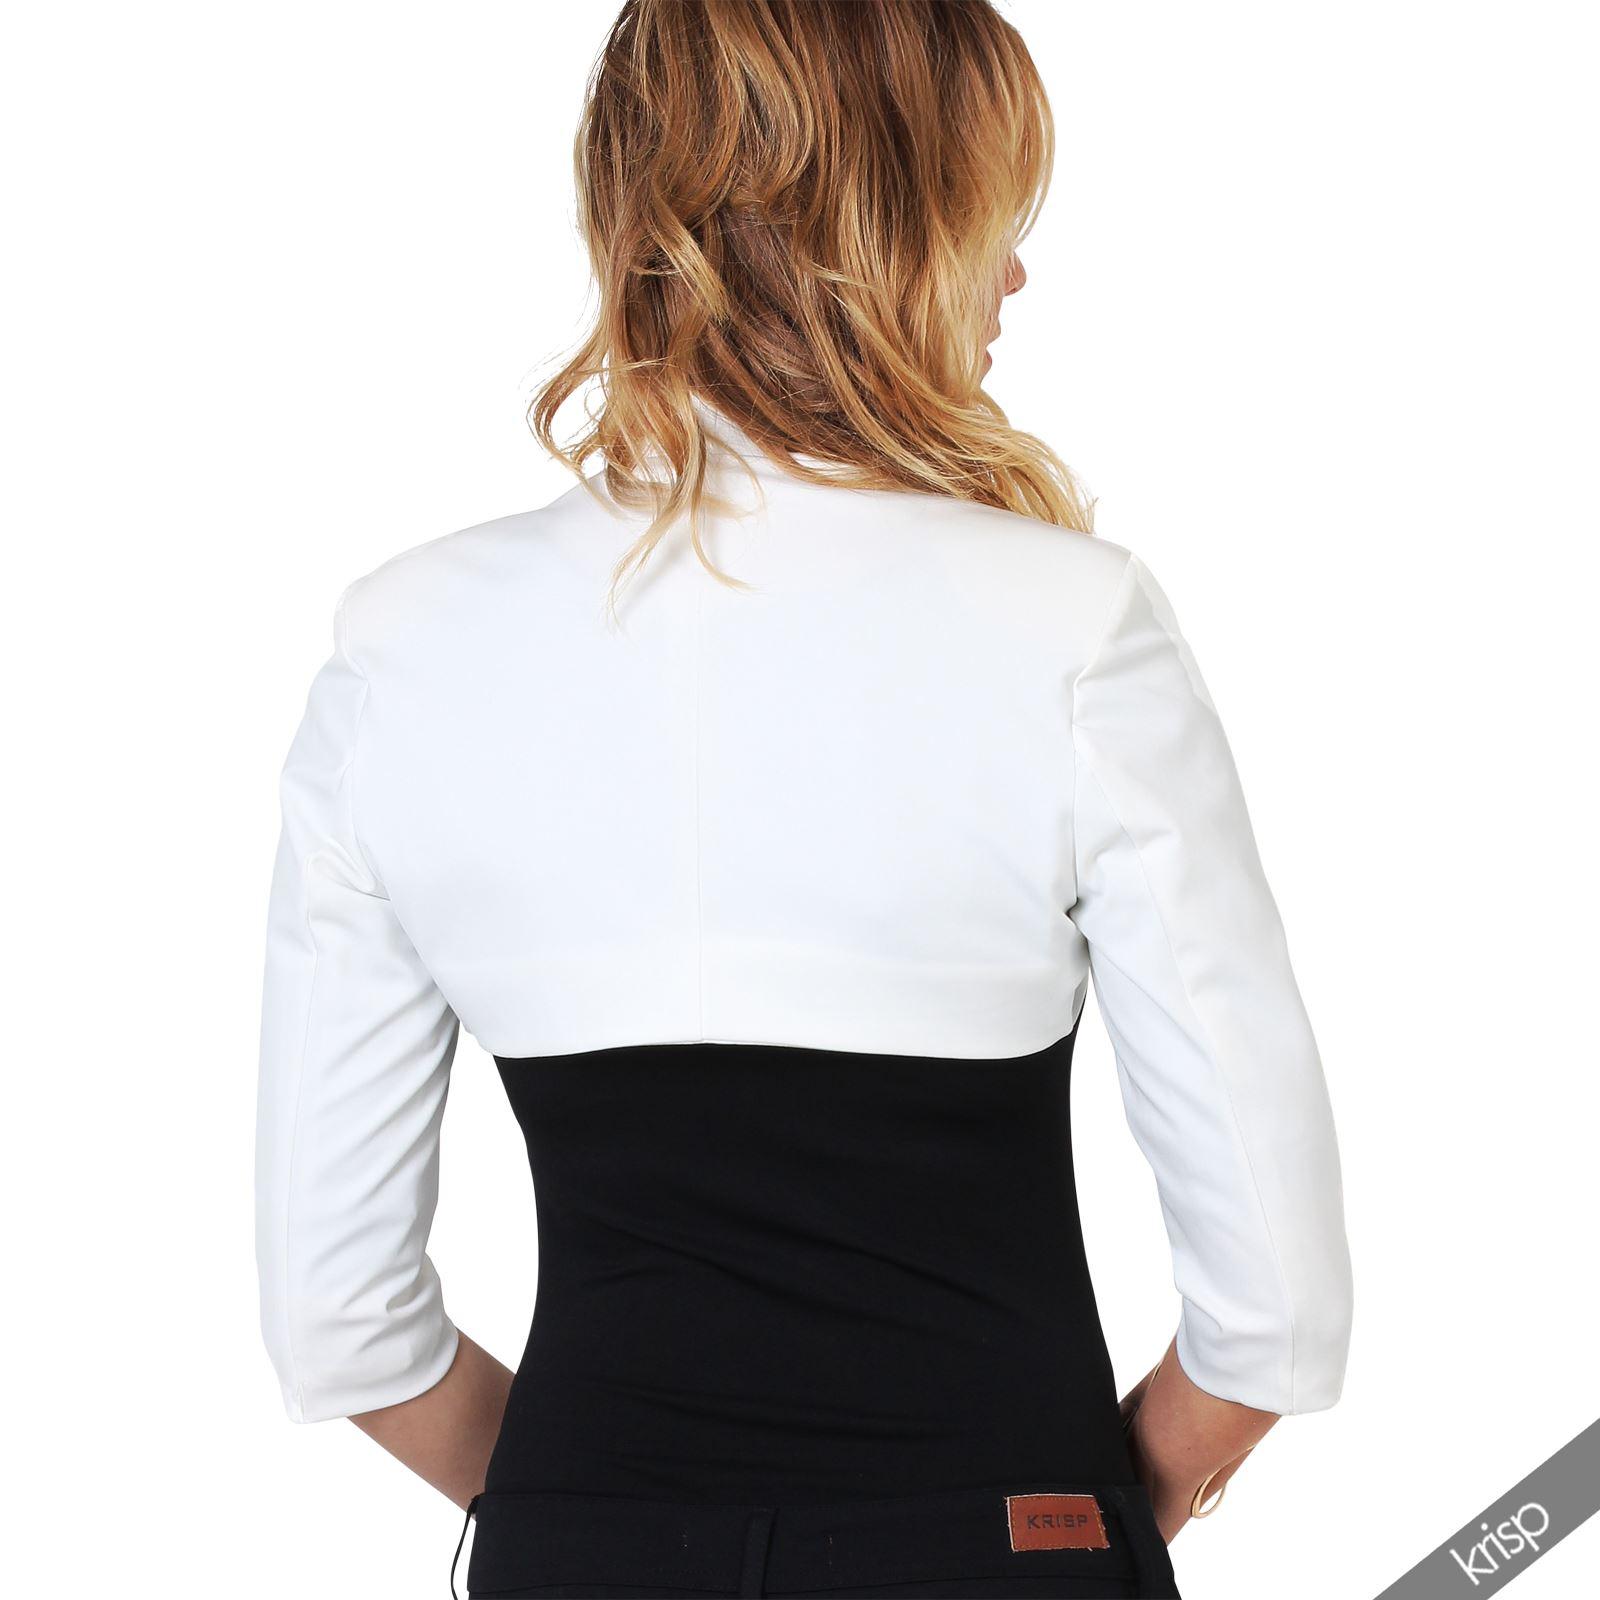 Womens bolero jacket